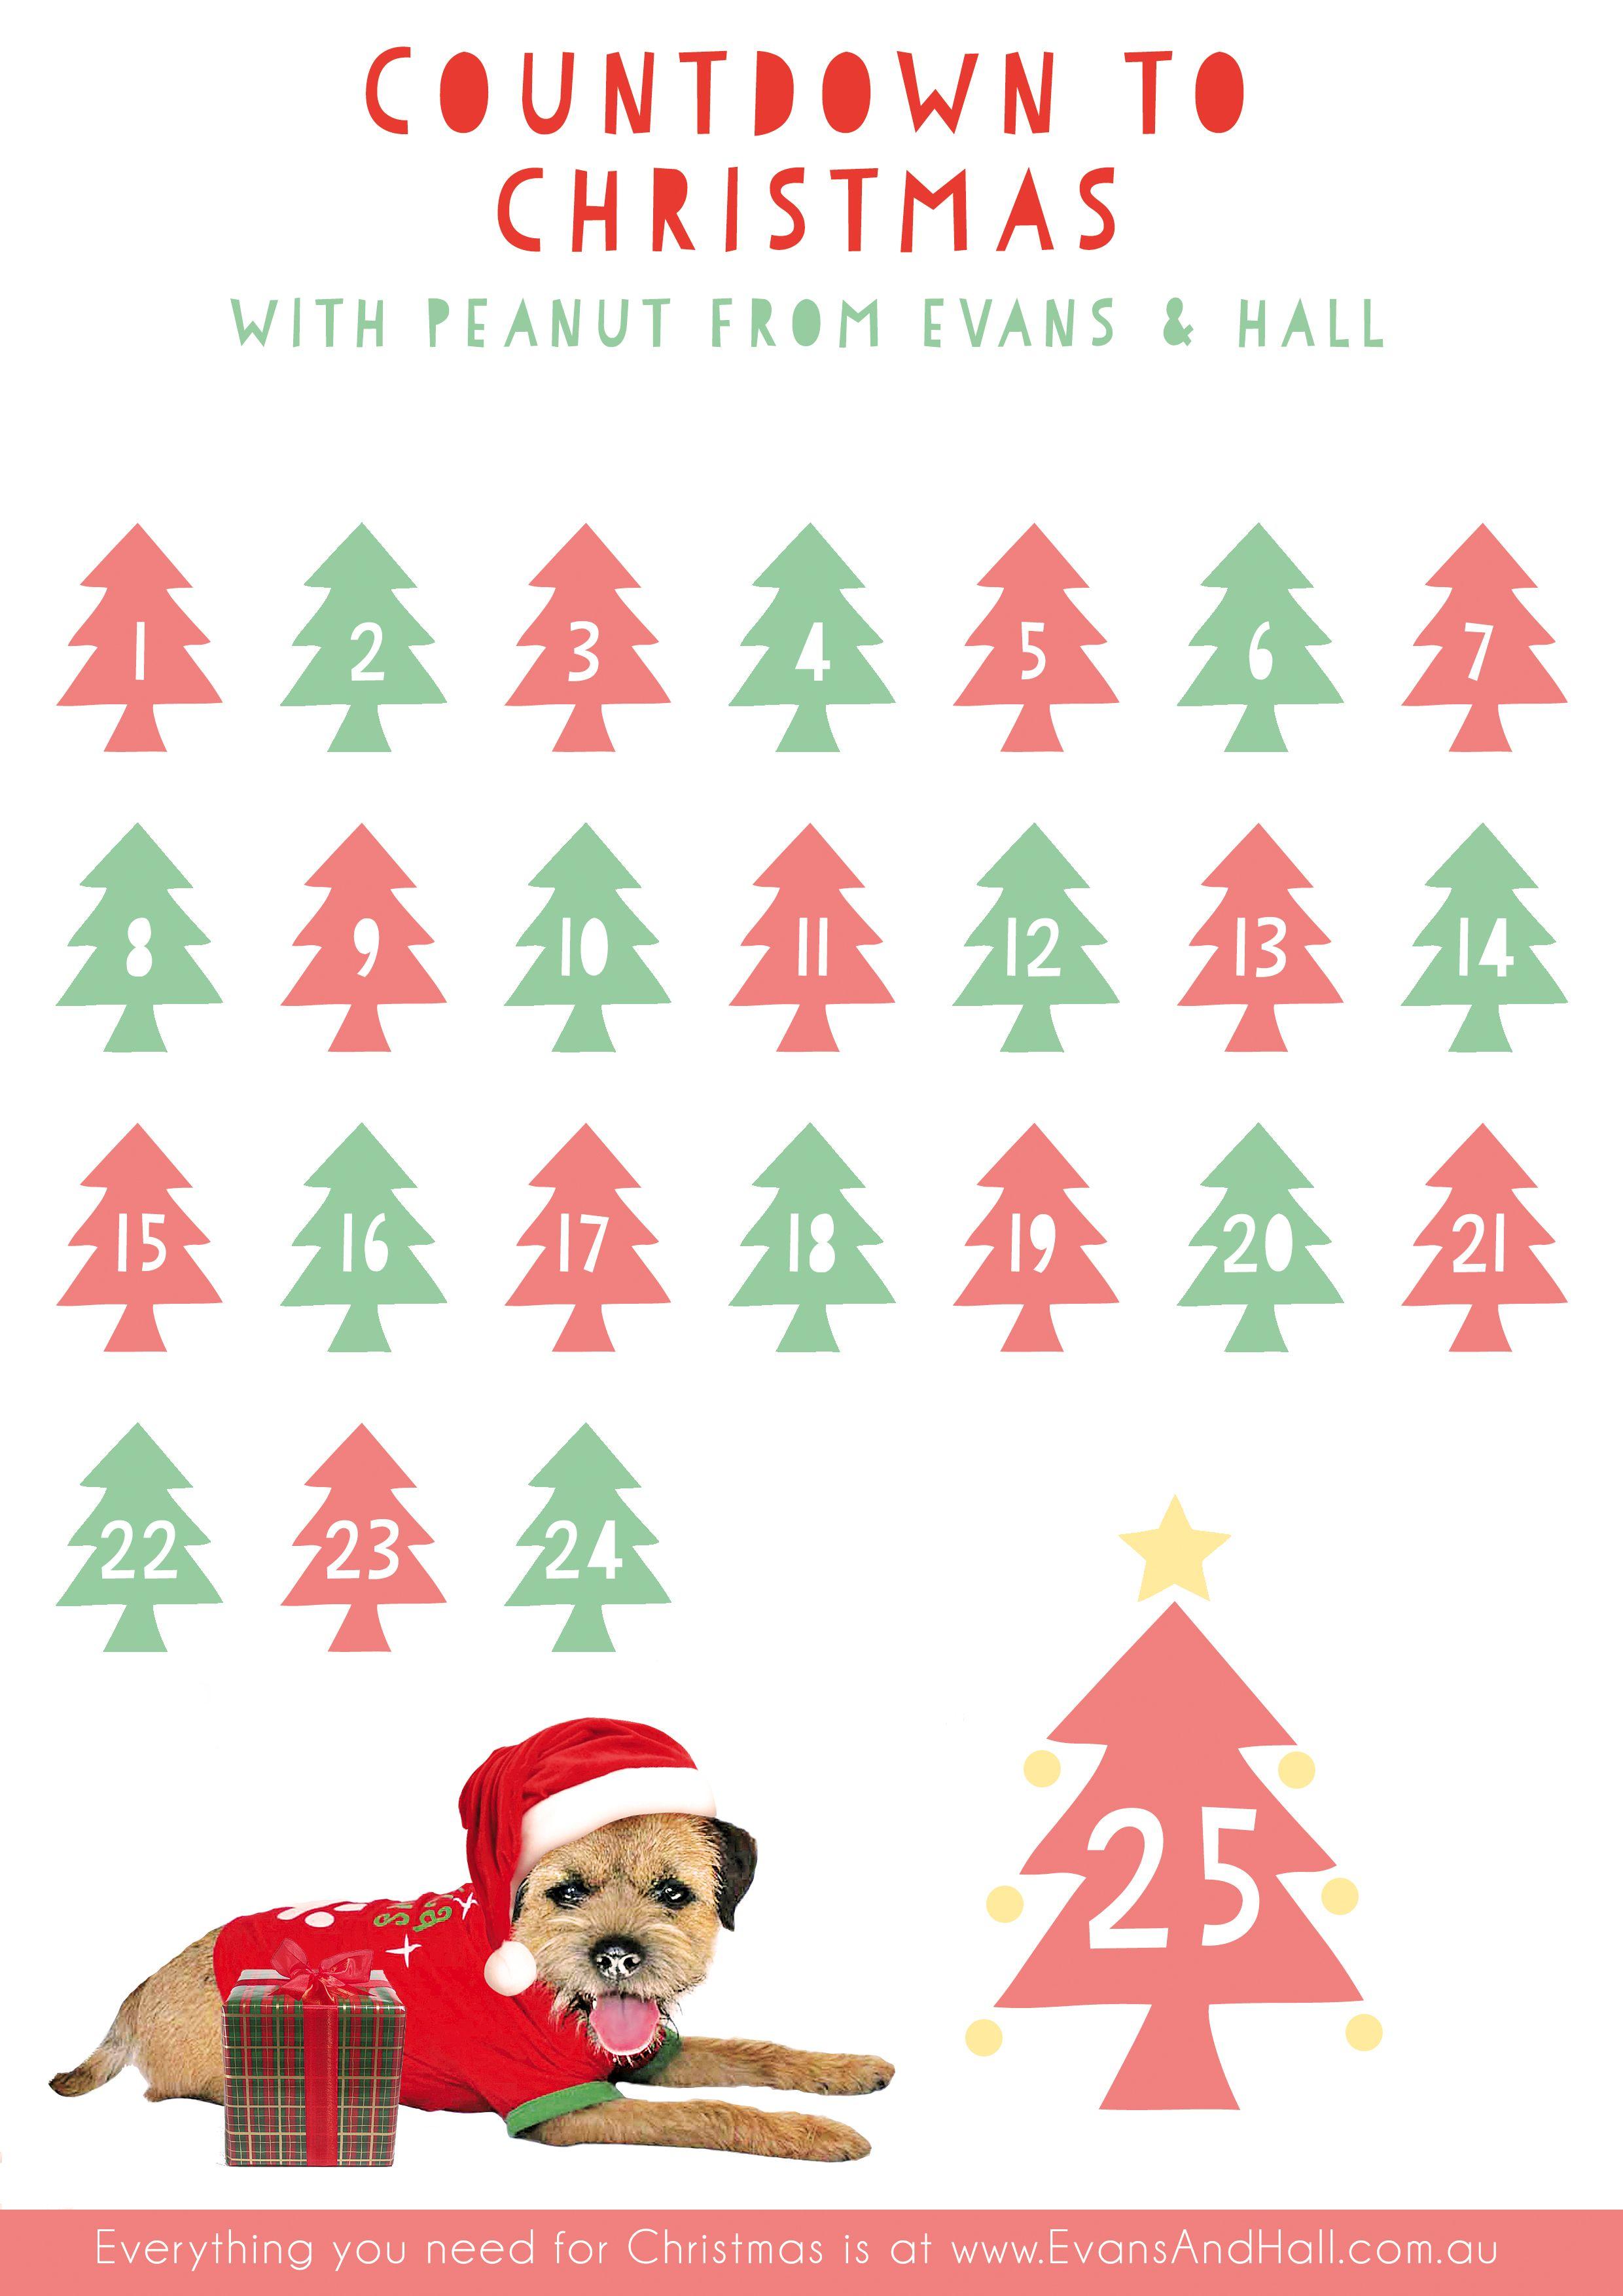 Free Printable Countdown To Christmas Chart